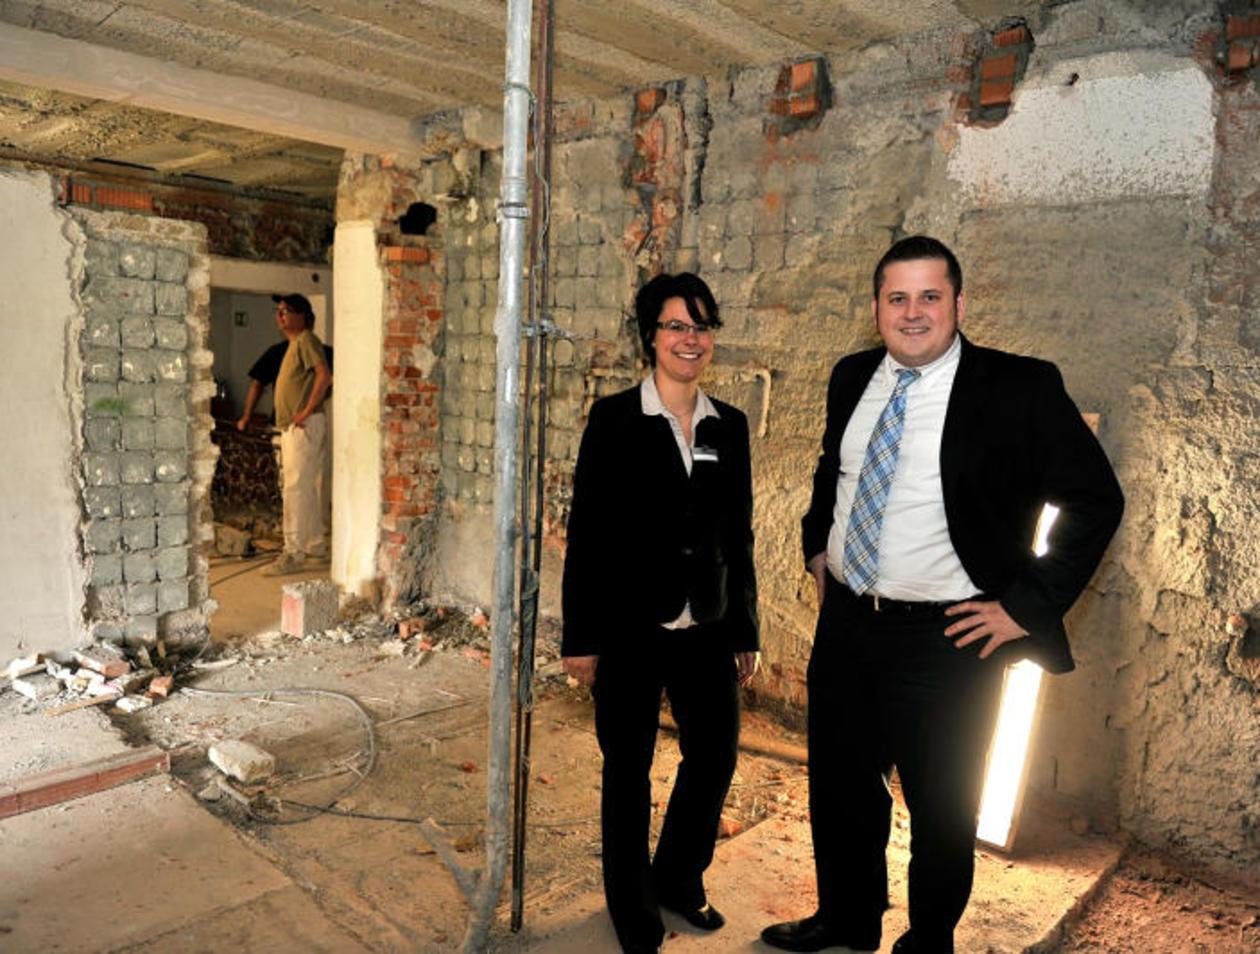 Hotel Obermuhle Investiert 2 2 Millionen Euro Garmisch